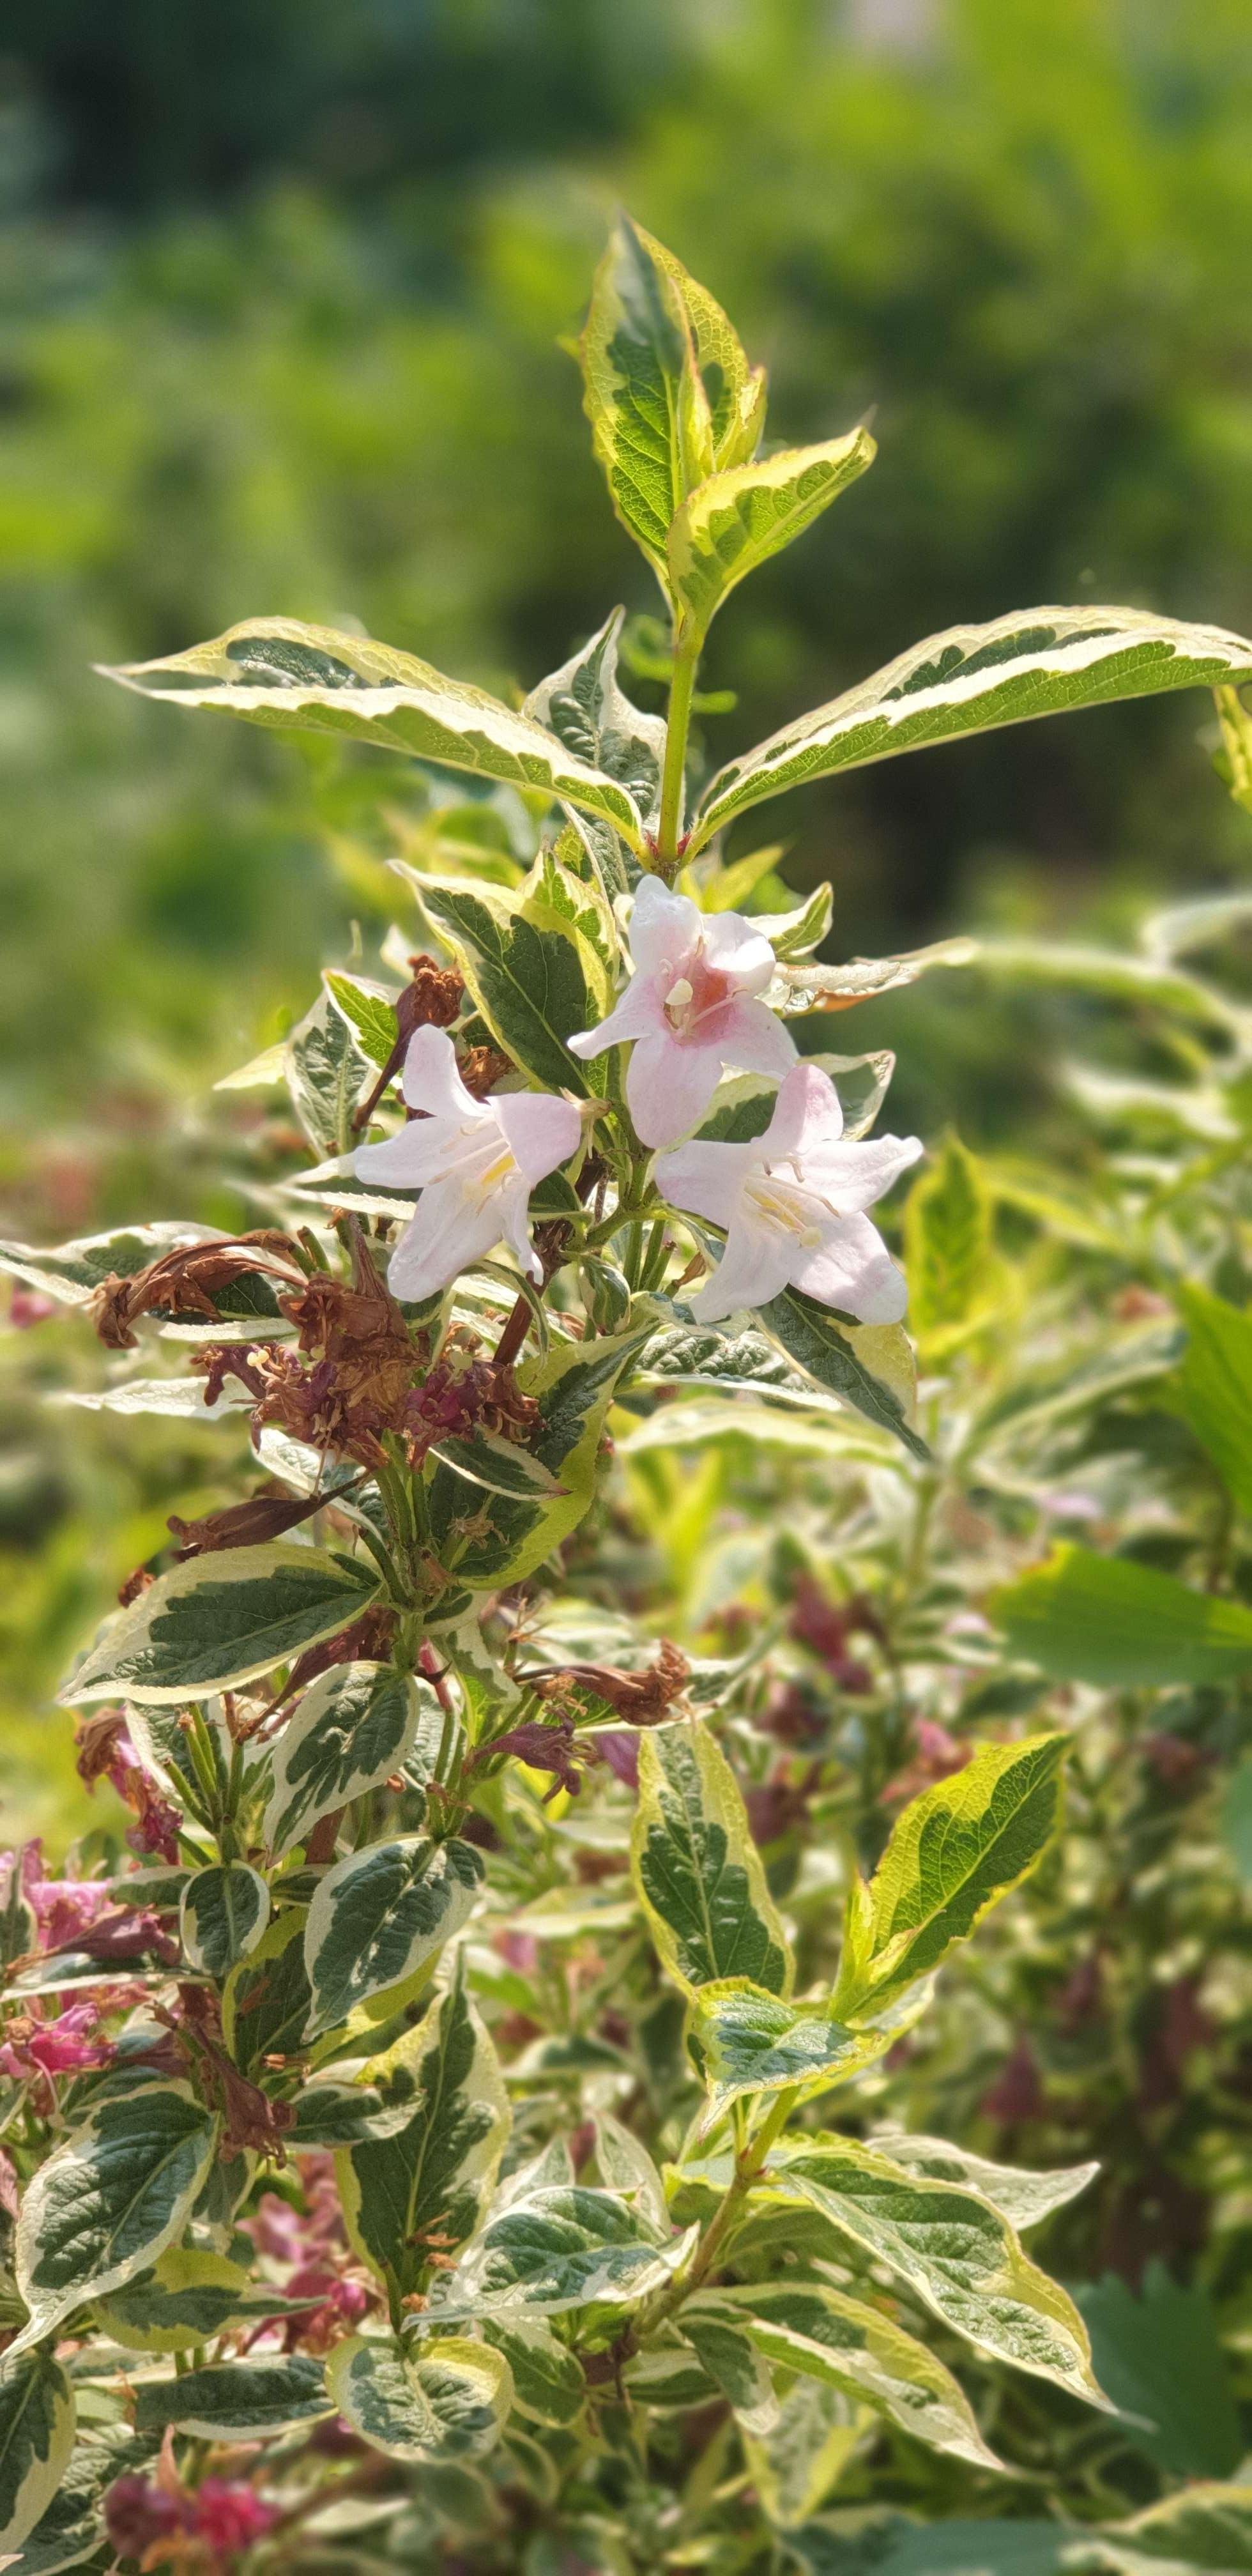 Foto van de echte 'Plant van Noortje' in onze voortuin, een Weigela florida 'Nana Variegata'. Groen blad met witte randjes en roze bloemen.